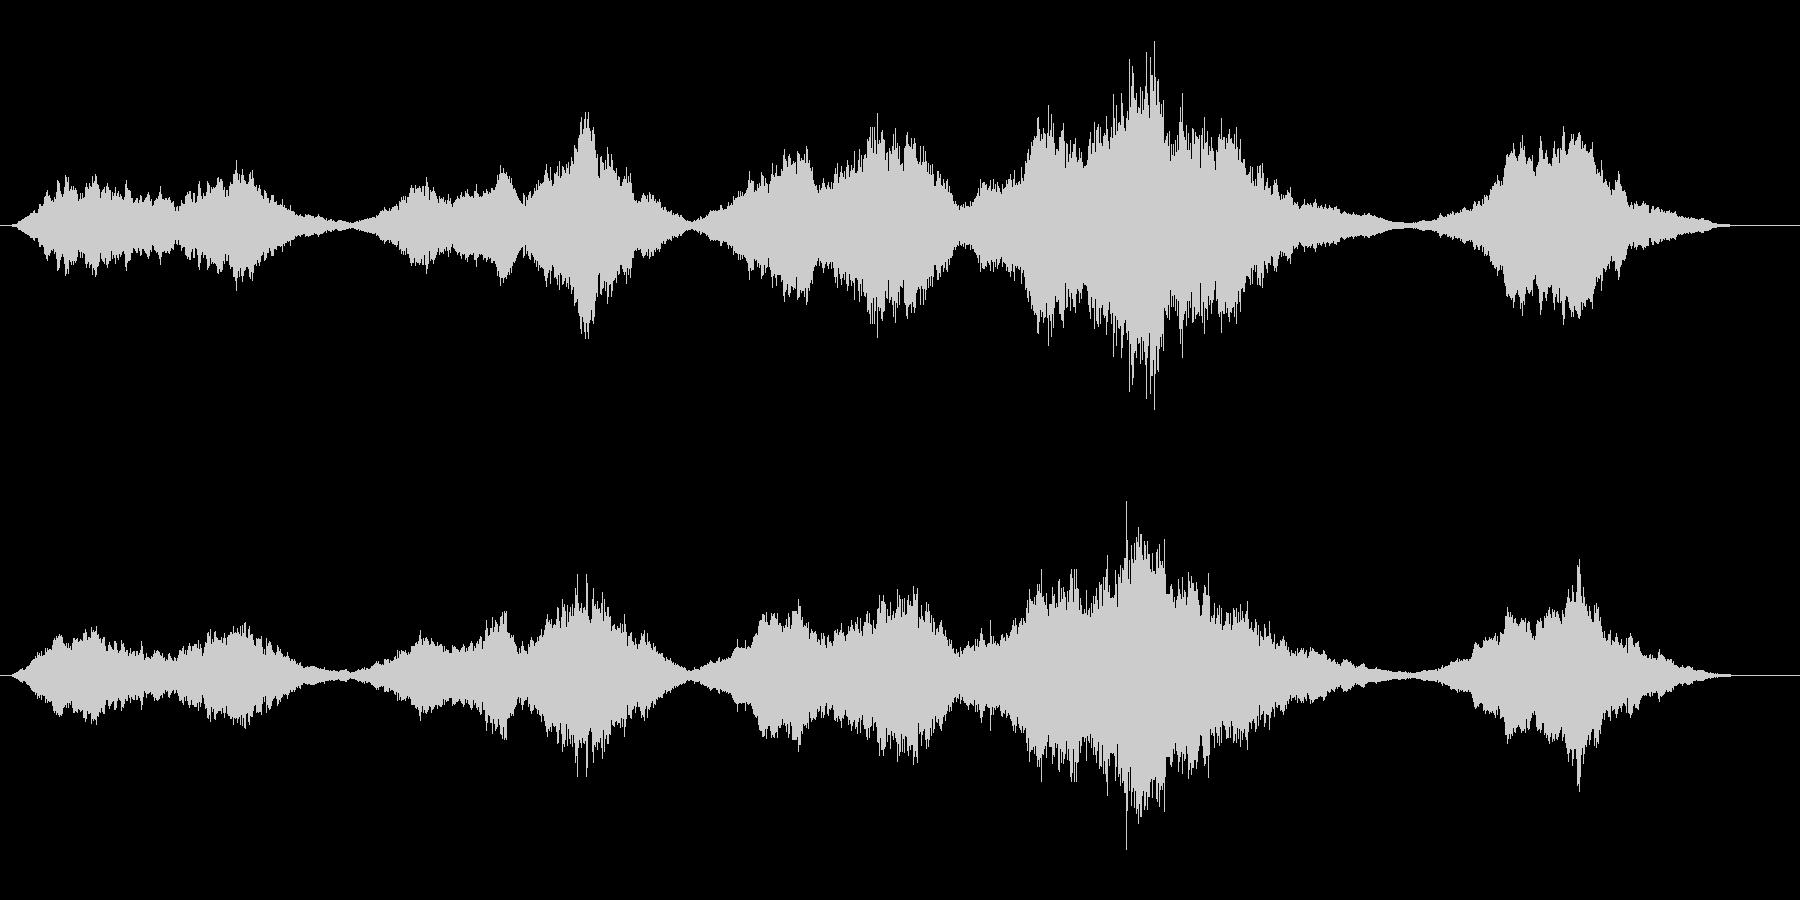 ストリングス主体の感動的なBGMの未再生の波形